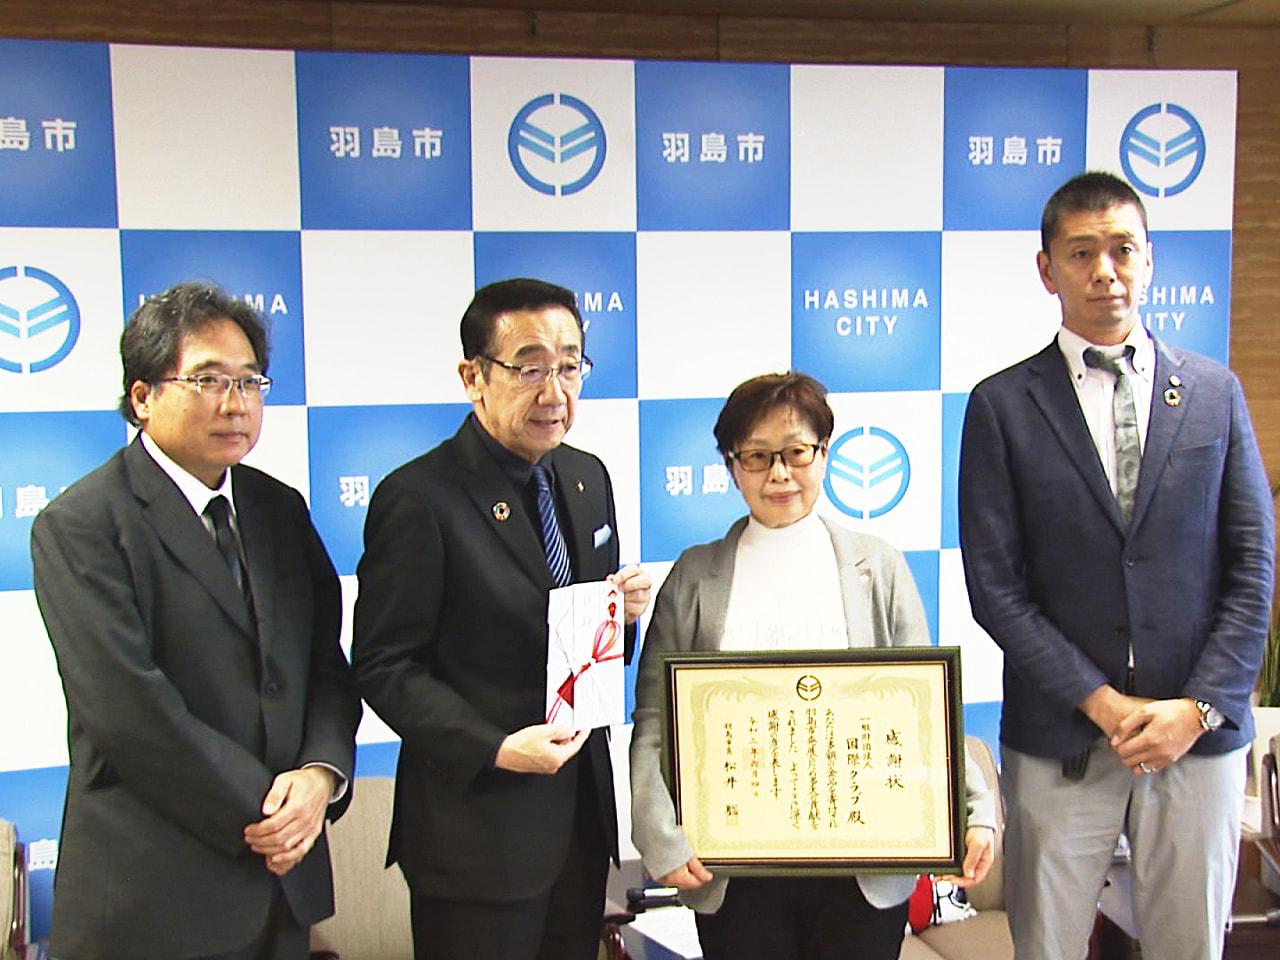 新型コロナウイルスの感染対策に役立ててもらおうと、岐阜県羽島市の国際クラブが羽島...